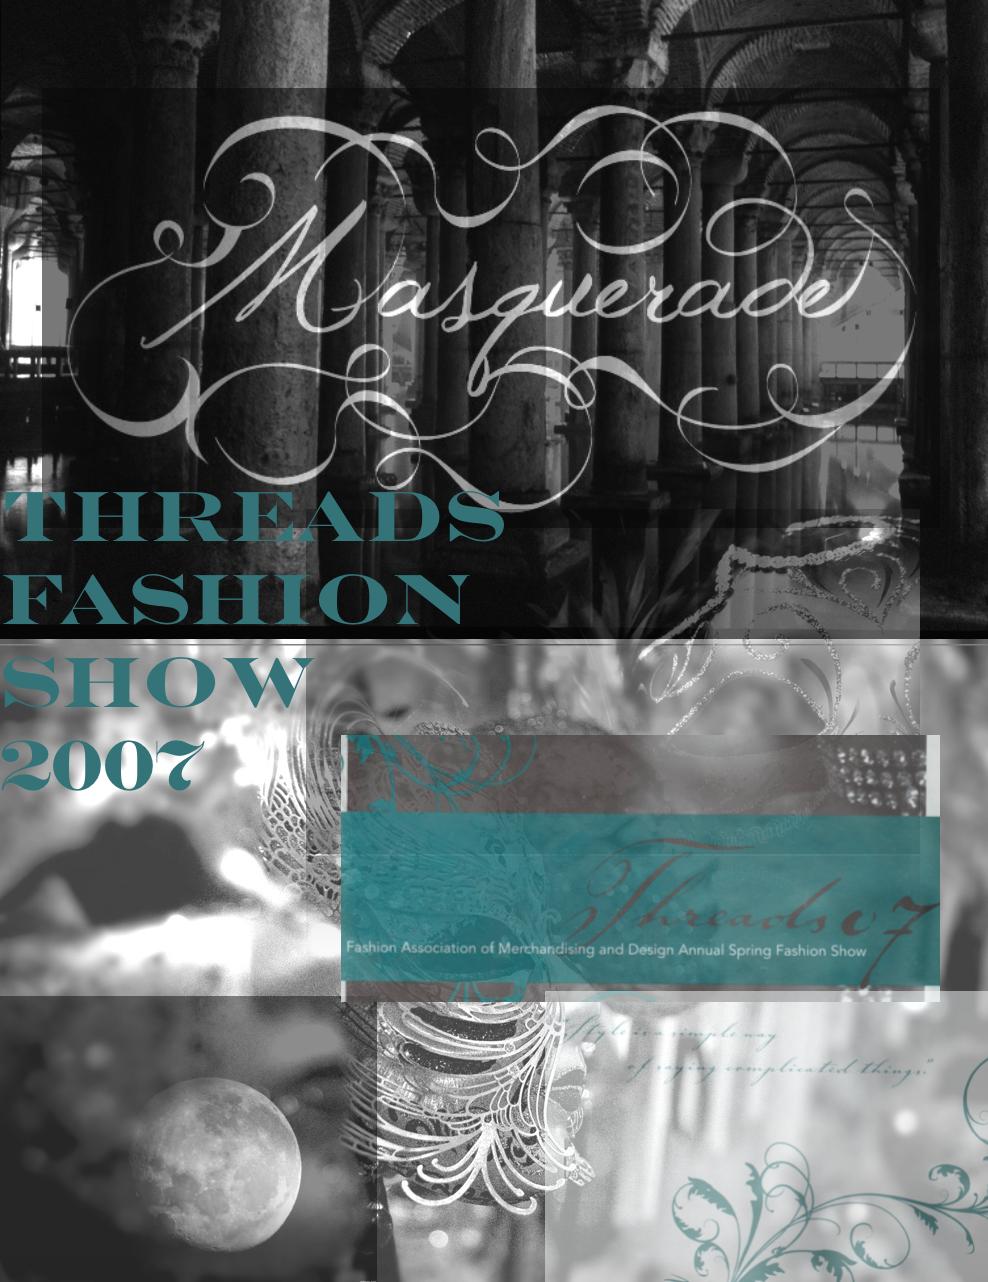 Threads 2007